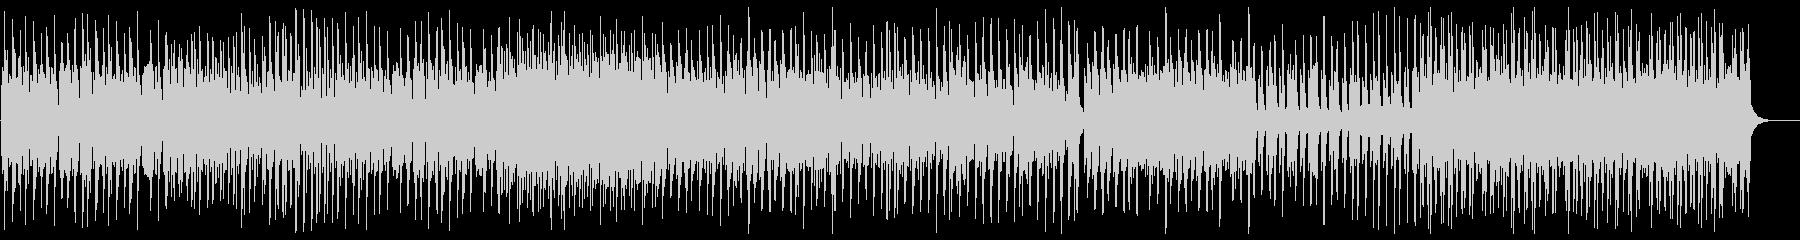 不思議な曲調の変則なピアノの曲の未再生の波形